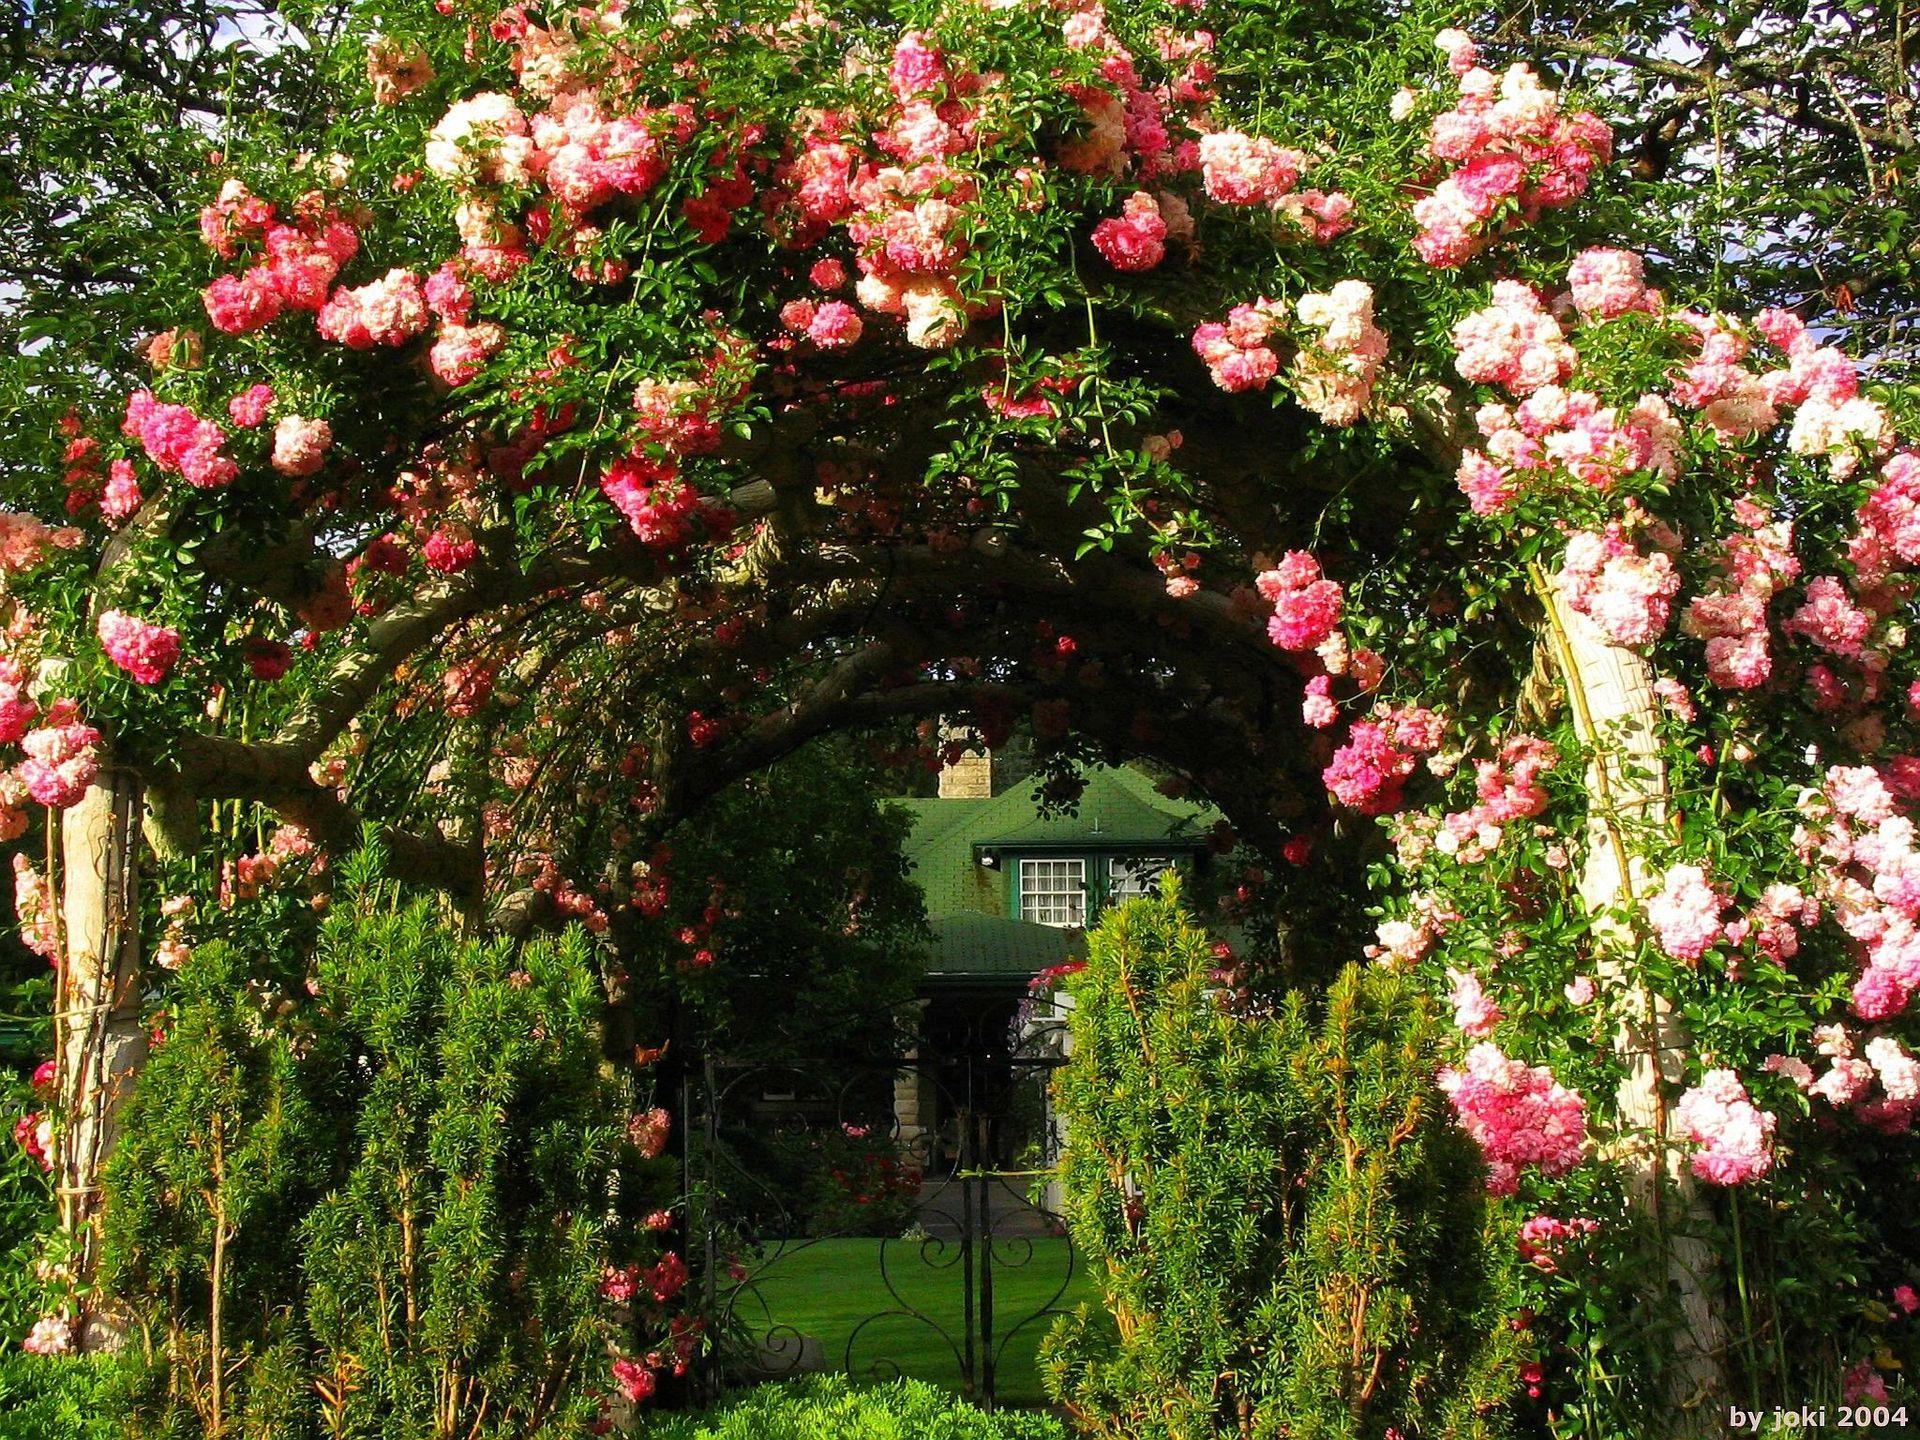 Beautiful Rose Garden Wallpaper rose garden wallpaper | garden and roses | pinterest | gardens and